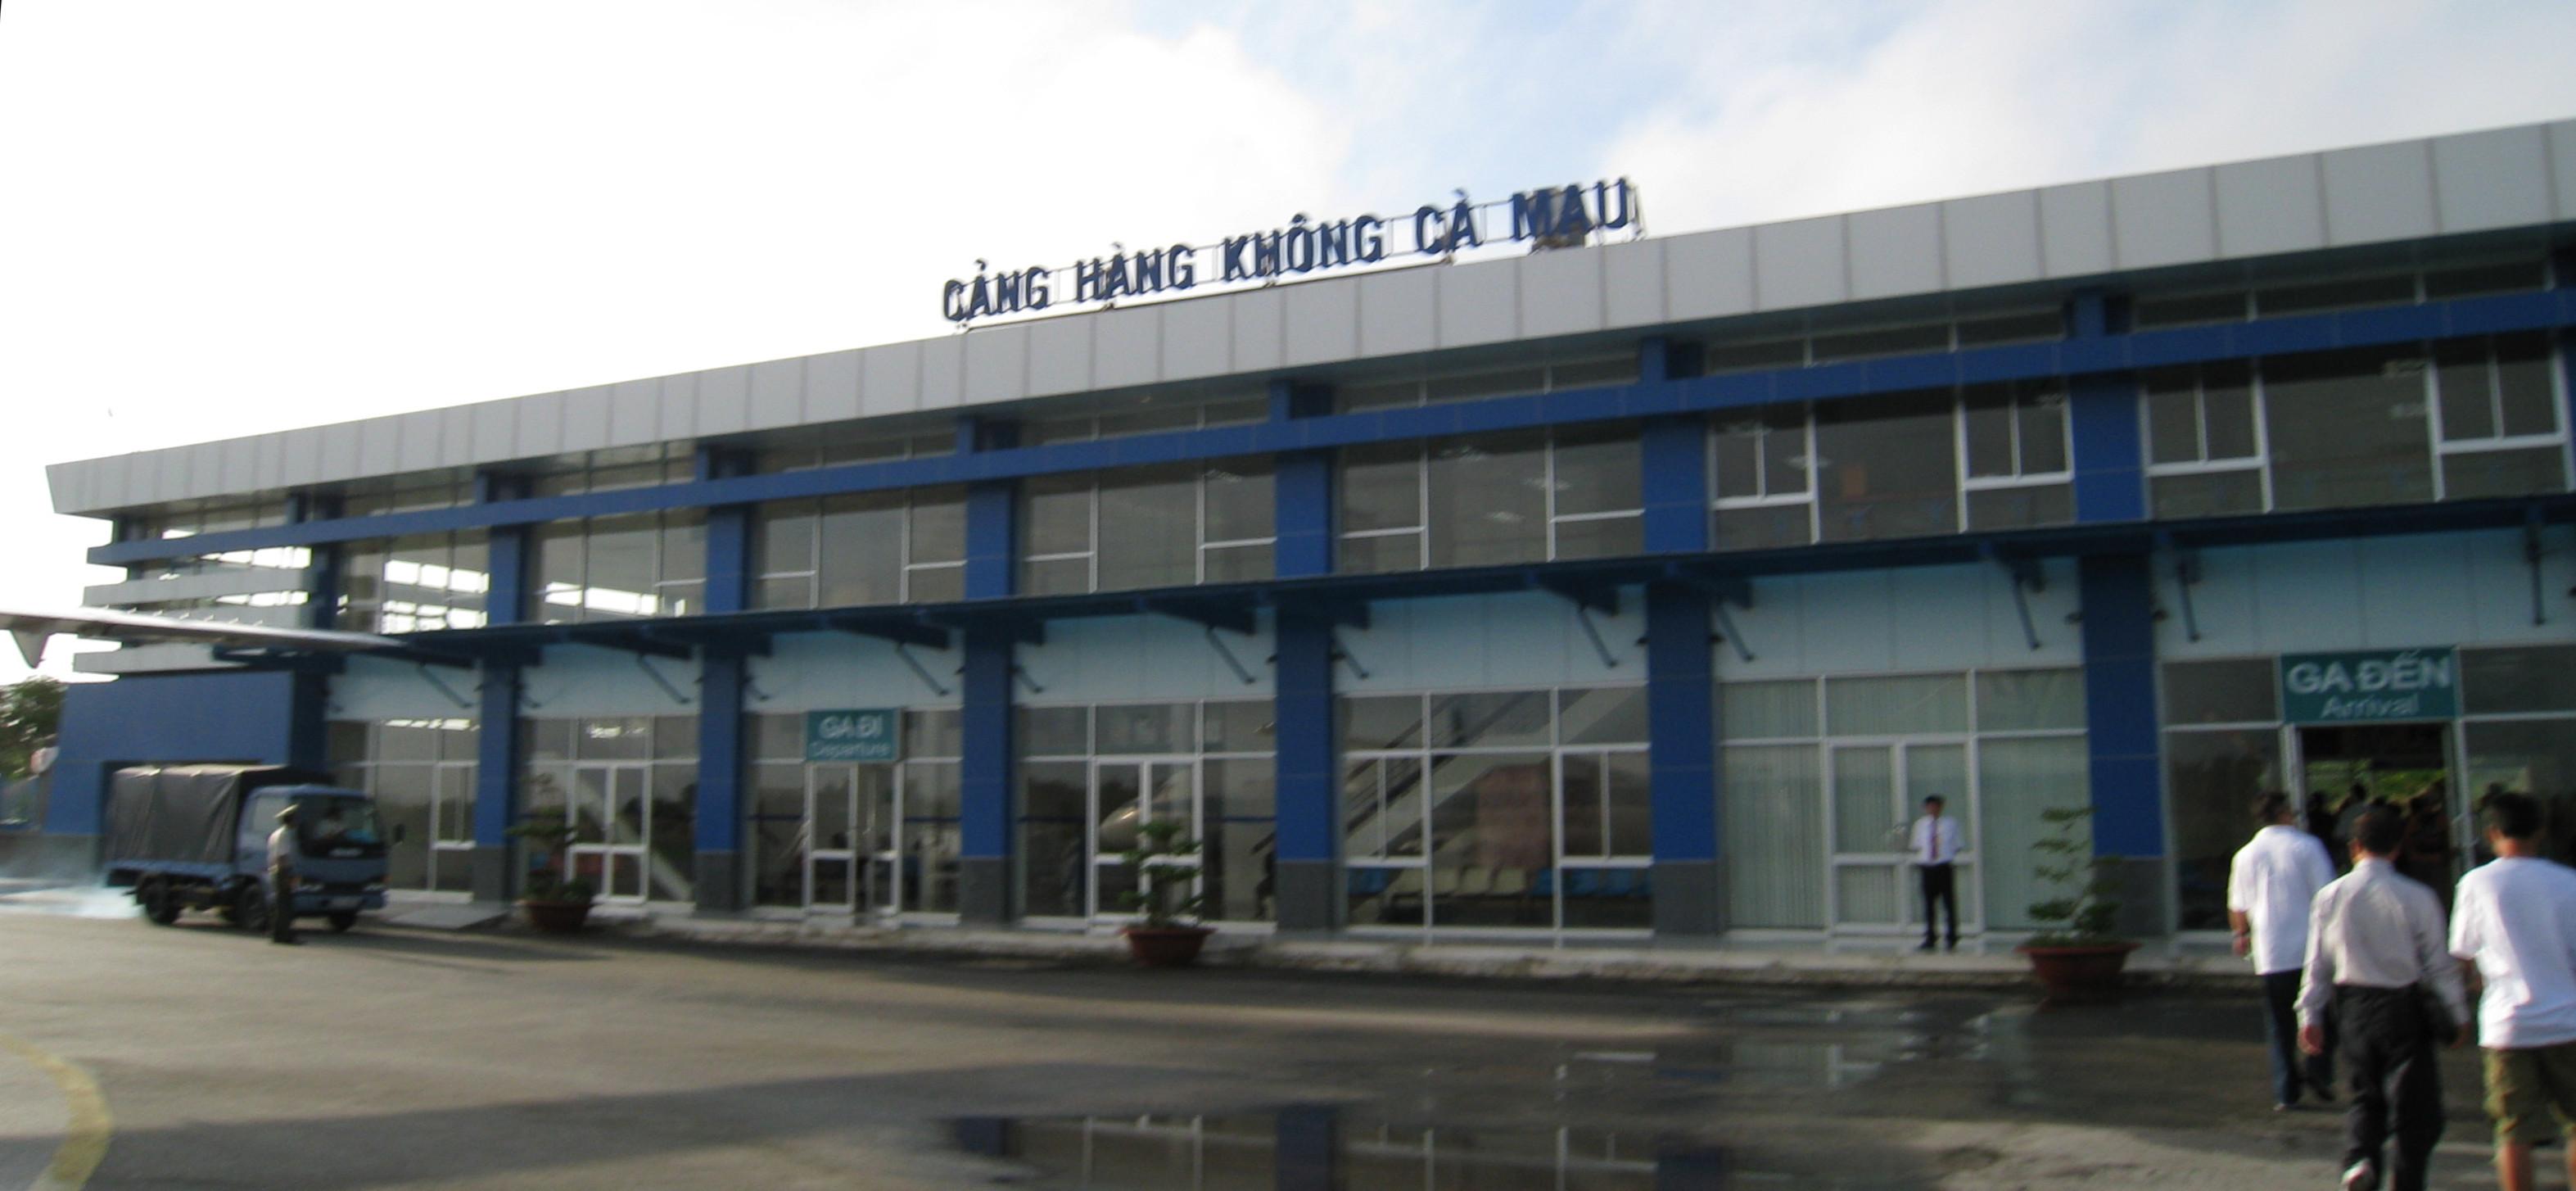 Cang hang khong Ca Mau, chuyen phat nhanh Da Nang Ca Mau